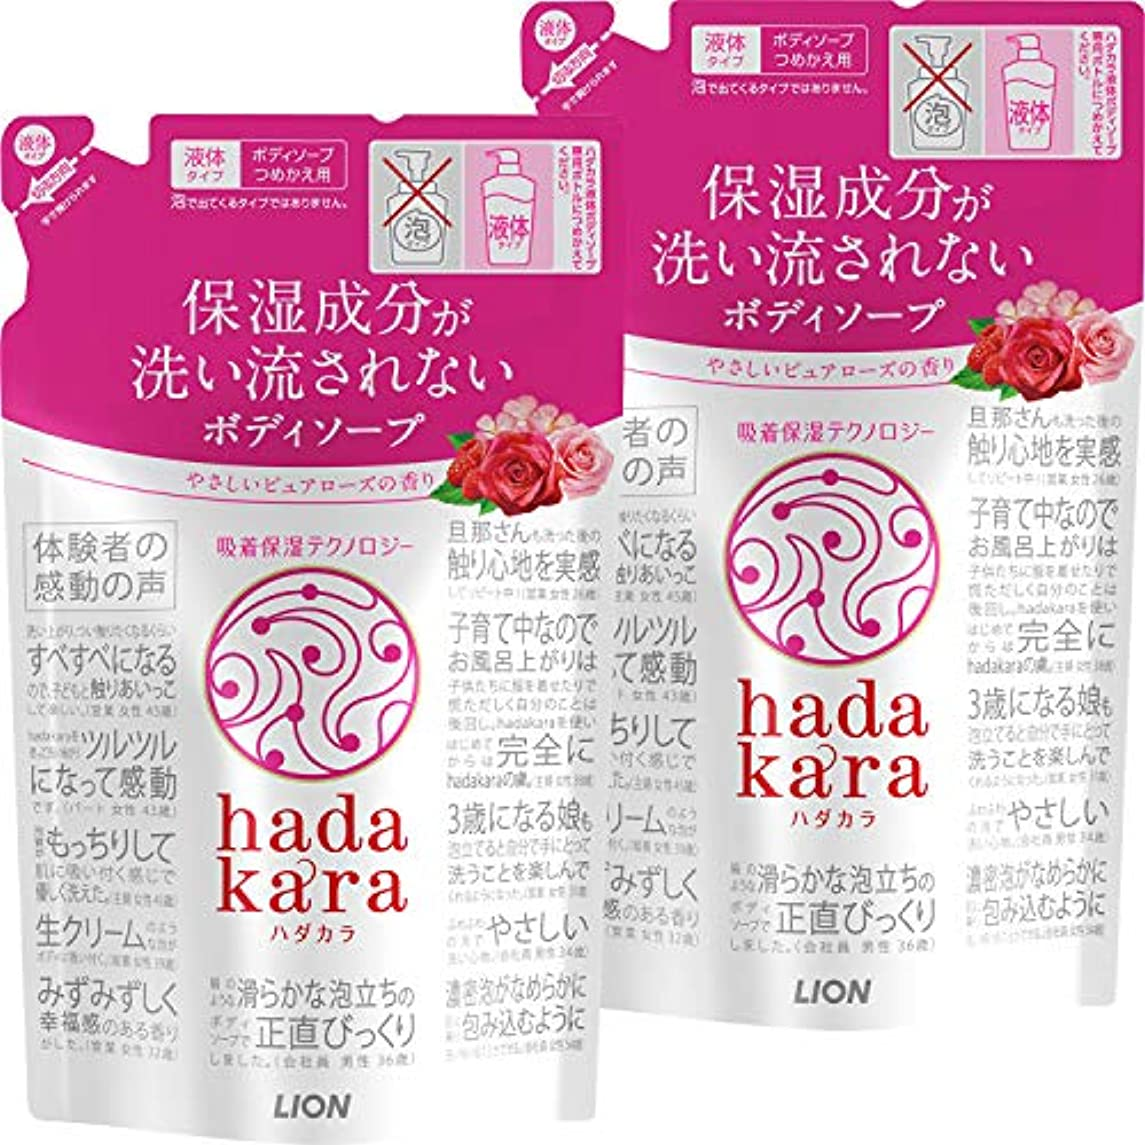 便利さオーナメントバドミントン【まとめ買い】hadakara(ハダカラ) ボディソープ ピュアローズの香り 詰め替え 360ml×2個パック